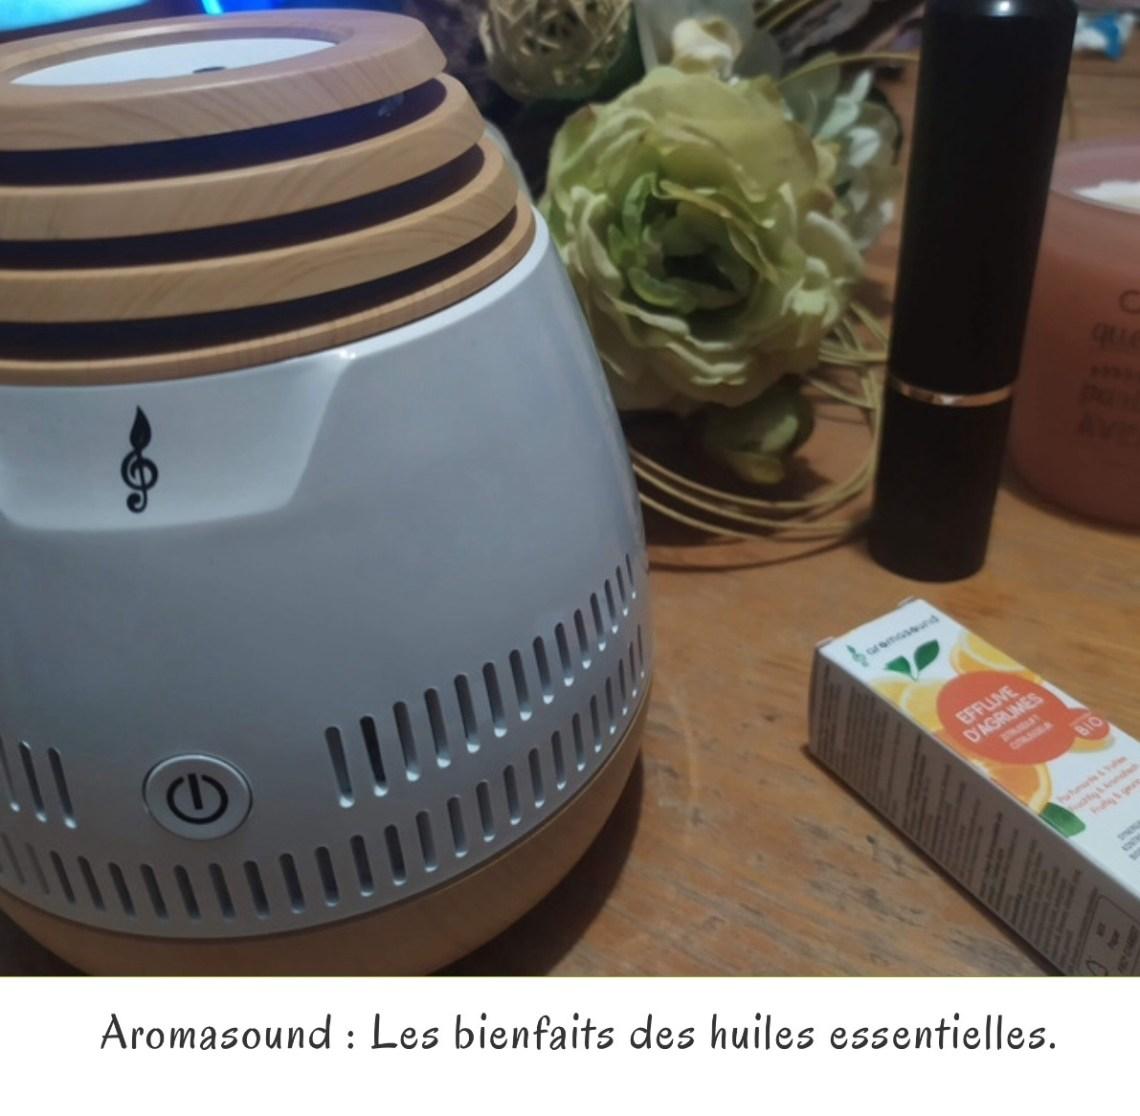 Aromasound : Les bienfaits des huiles essentielles.